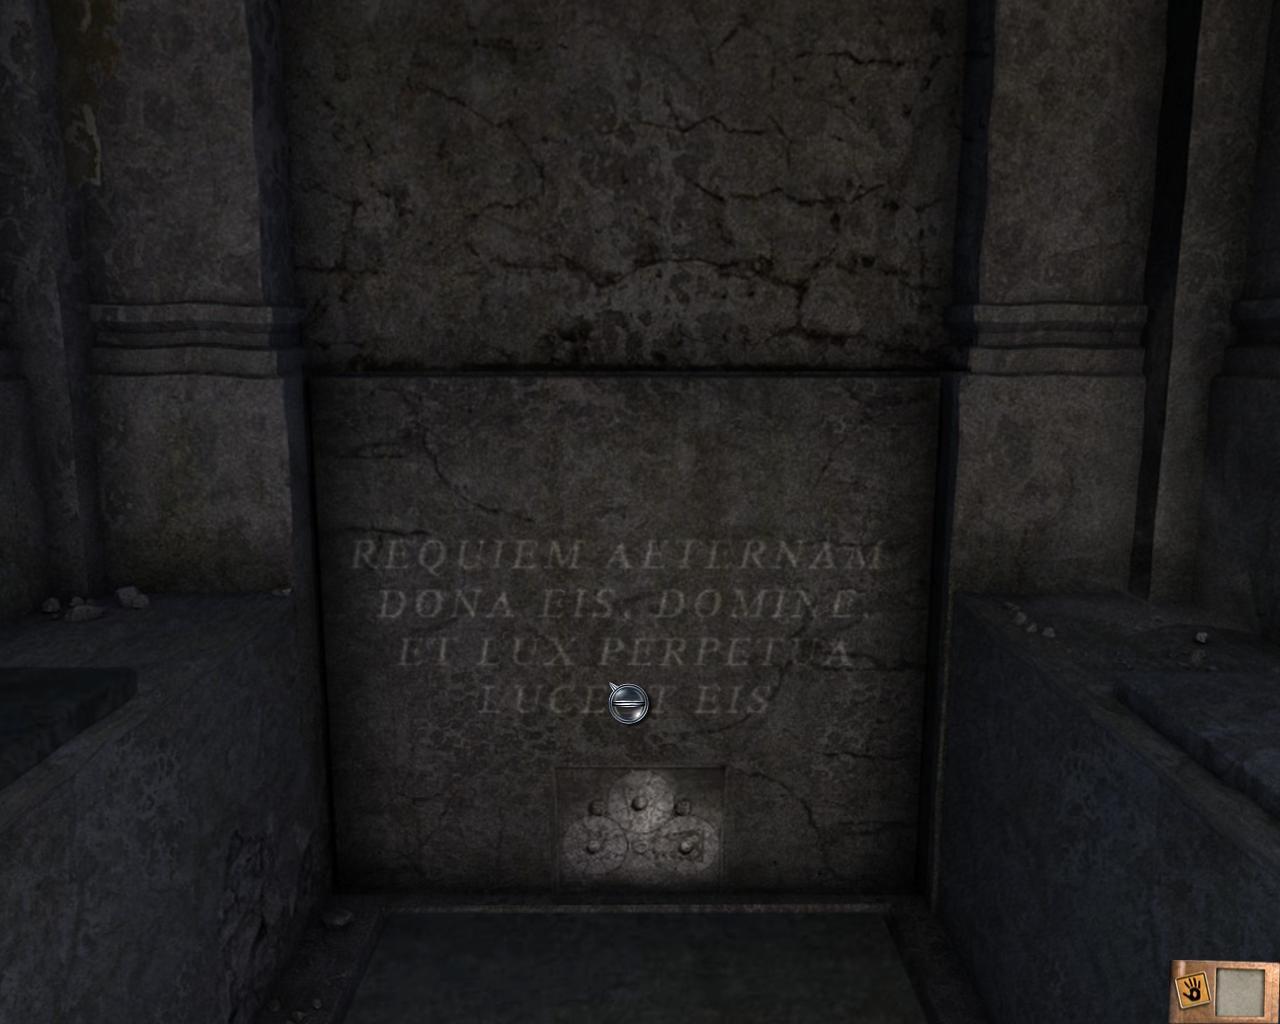 Mauzoleum - Tajemnice cmentarza - Rozdział 1 - Posiadłość - Dracula 4: The Shadow of the Dragon - poradnik do gry